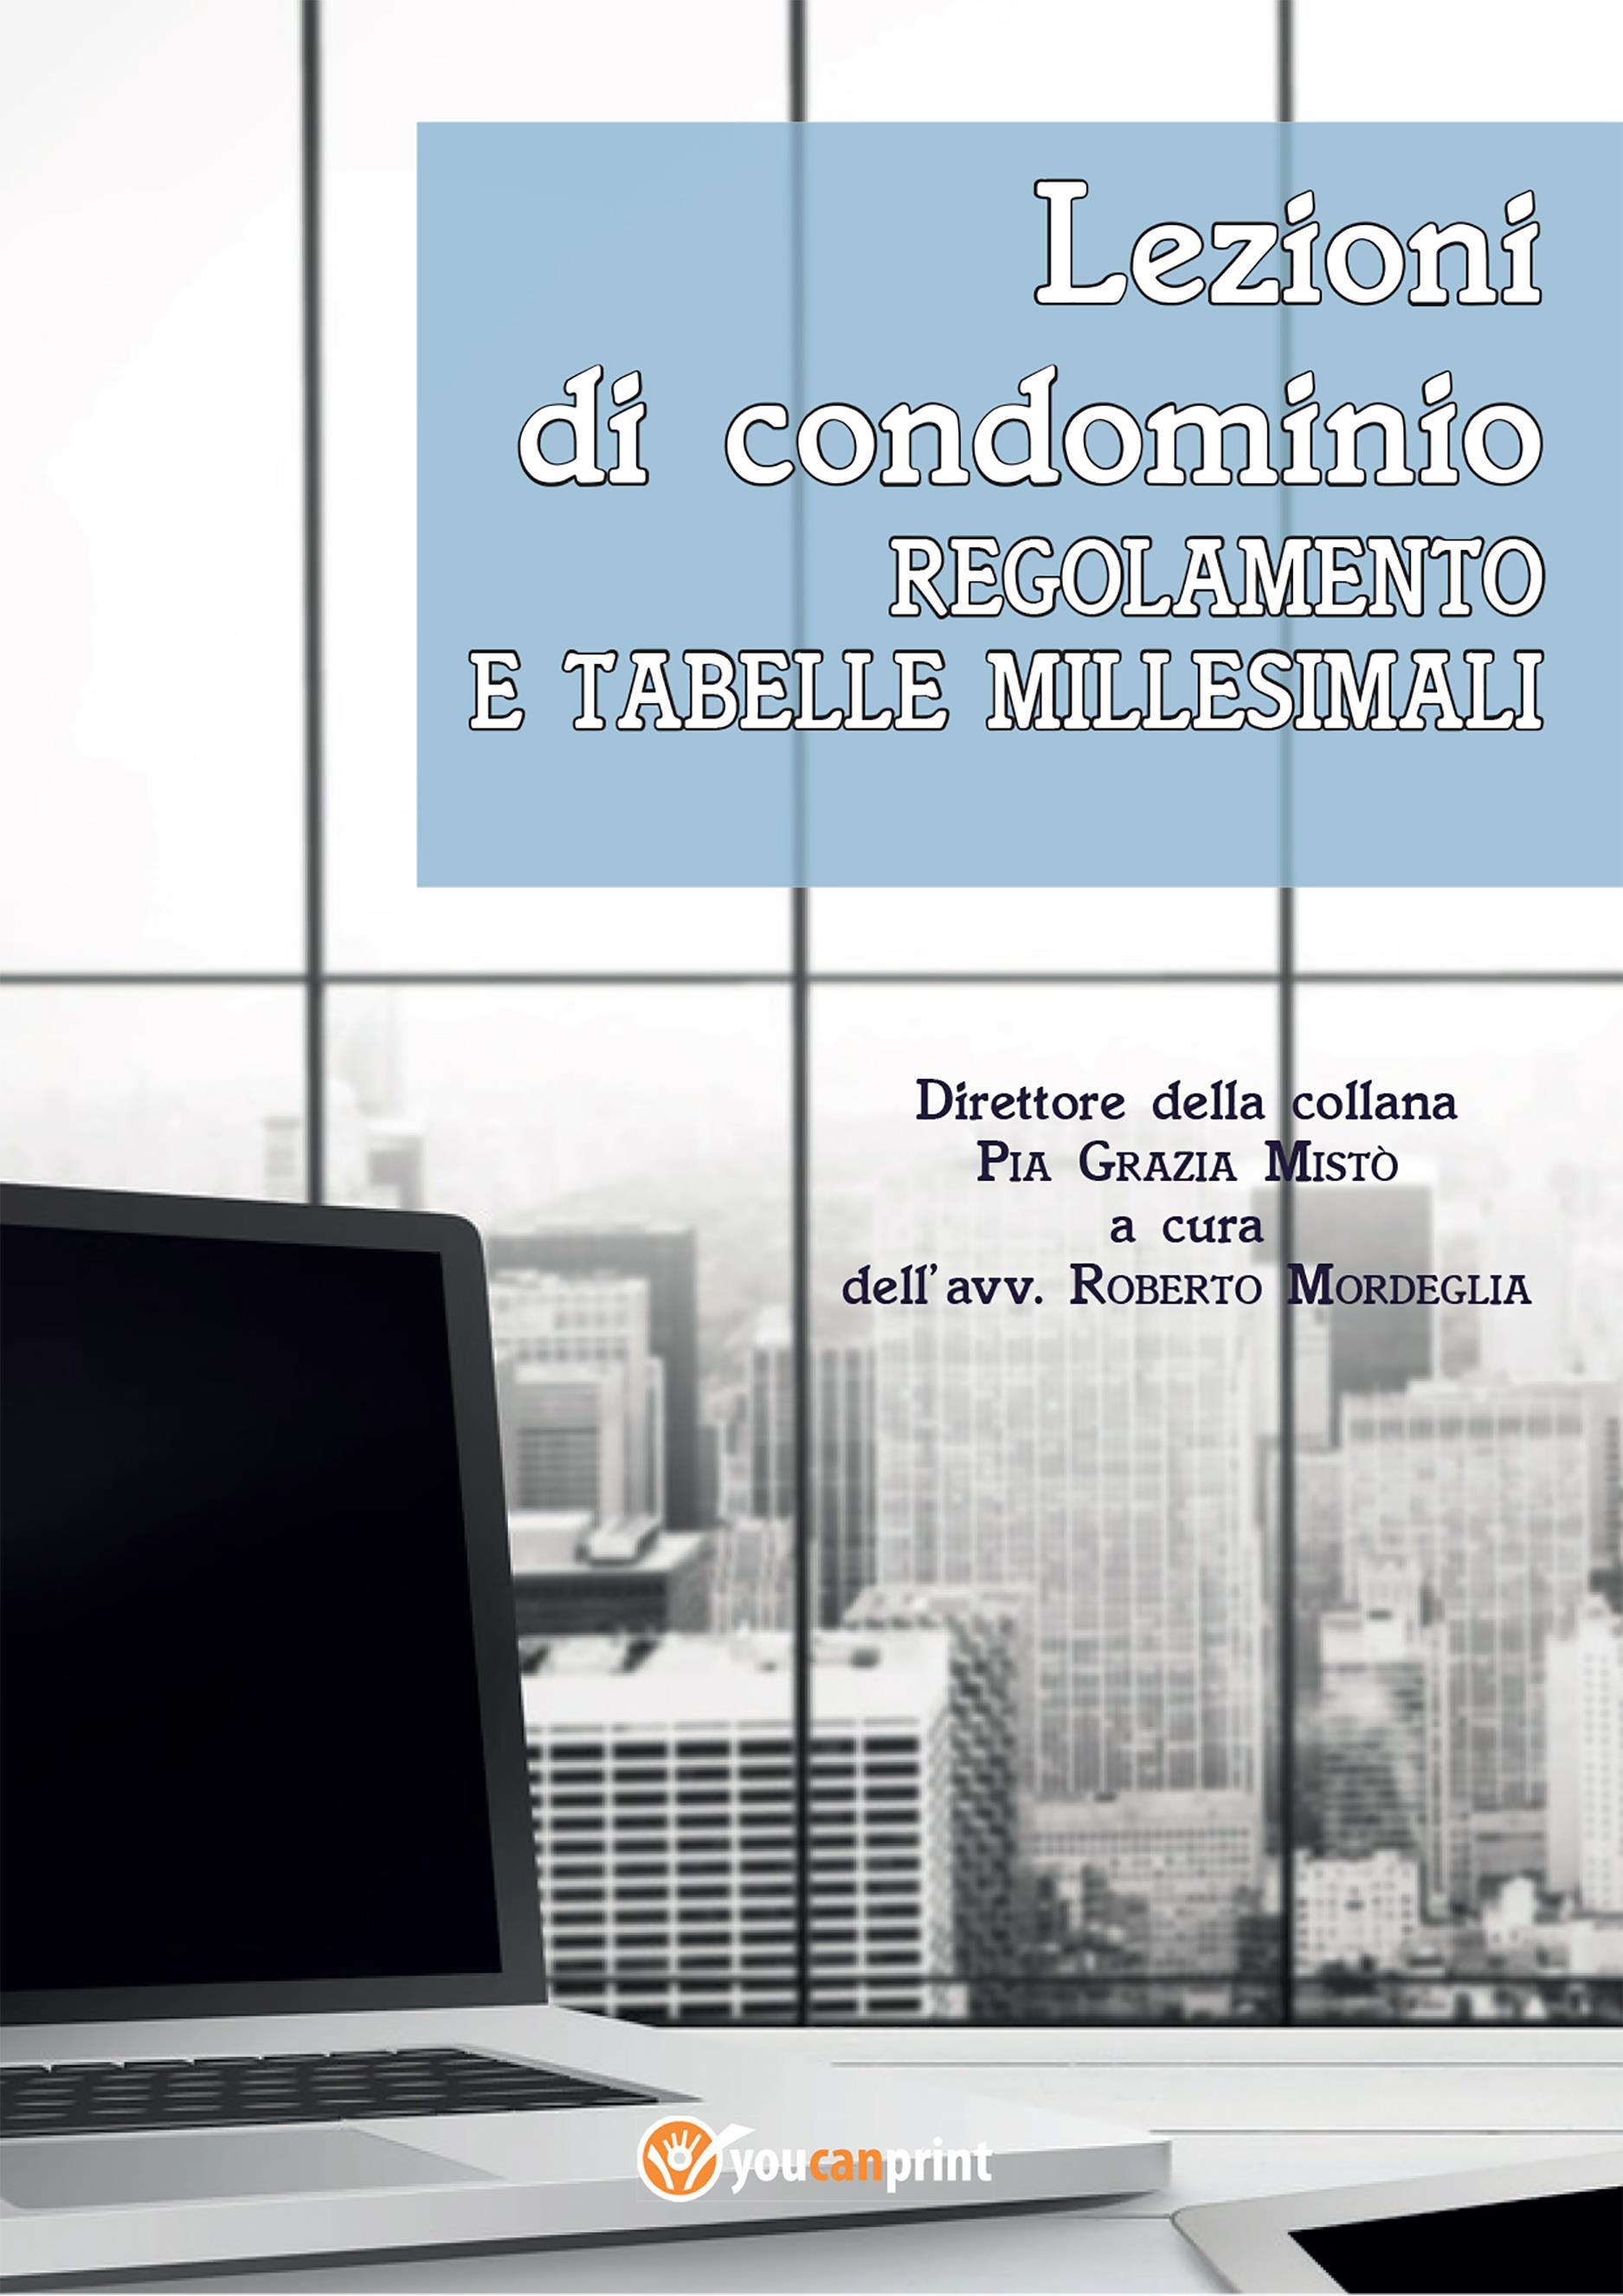 Lezioni di condominio. Regolamento e tabelle millesimali